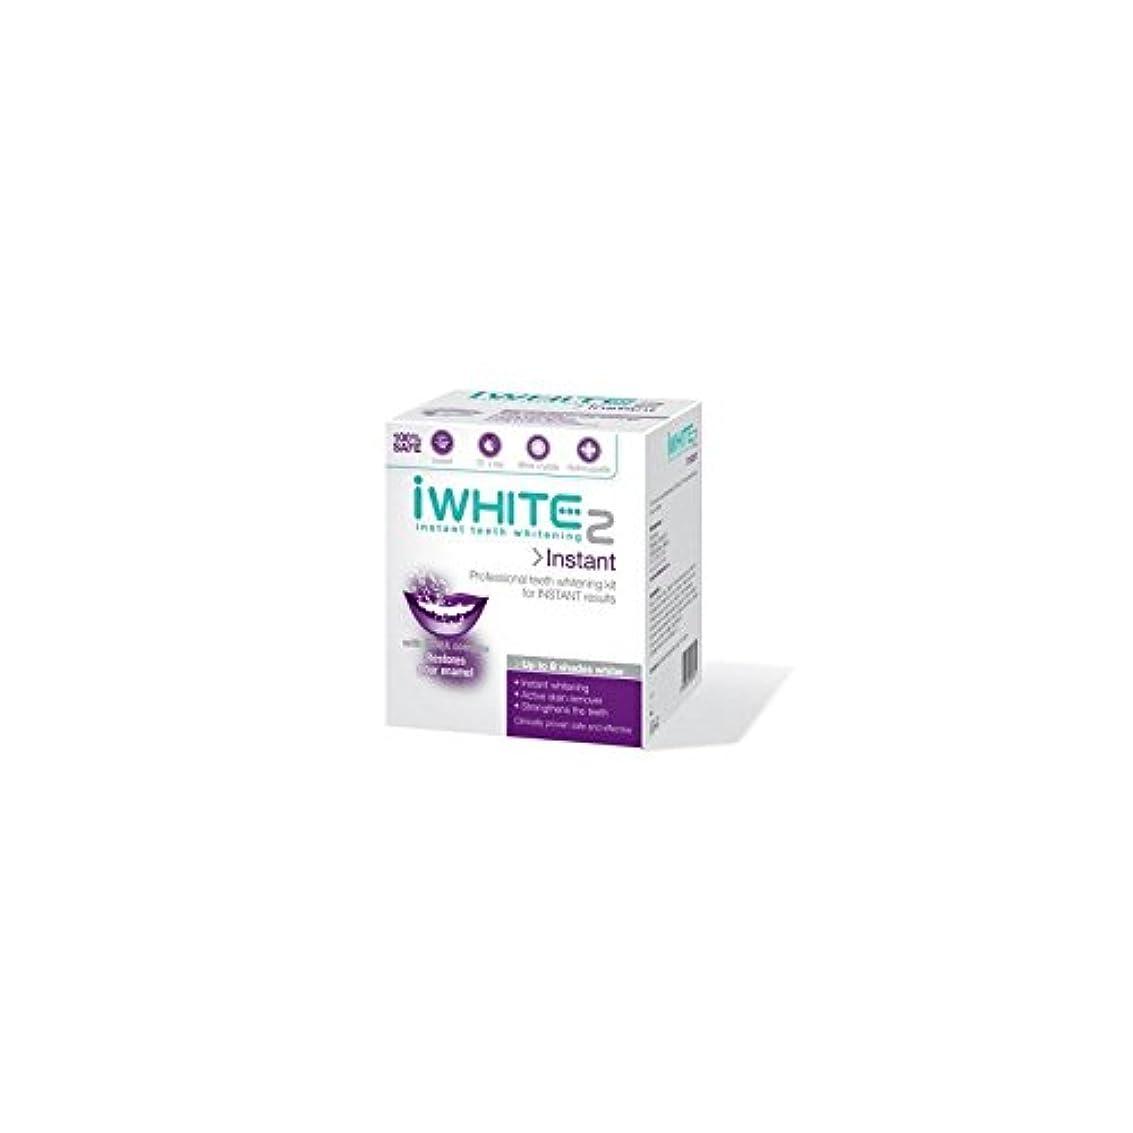 バランス選挙所有者インスタントキットを白く2本のプロ歯(10トレイ) x2 - iWhite Instant 2 Professional Teeth Whitening Kit (10 Trays) (Pack of 2) [並行輸入品]